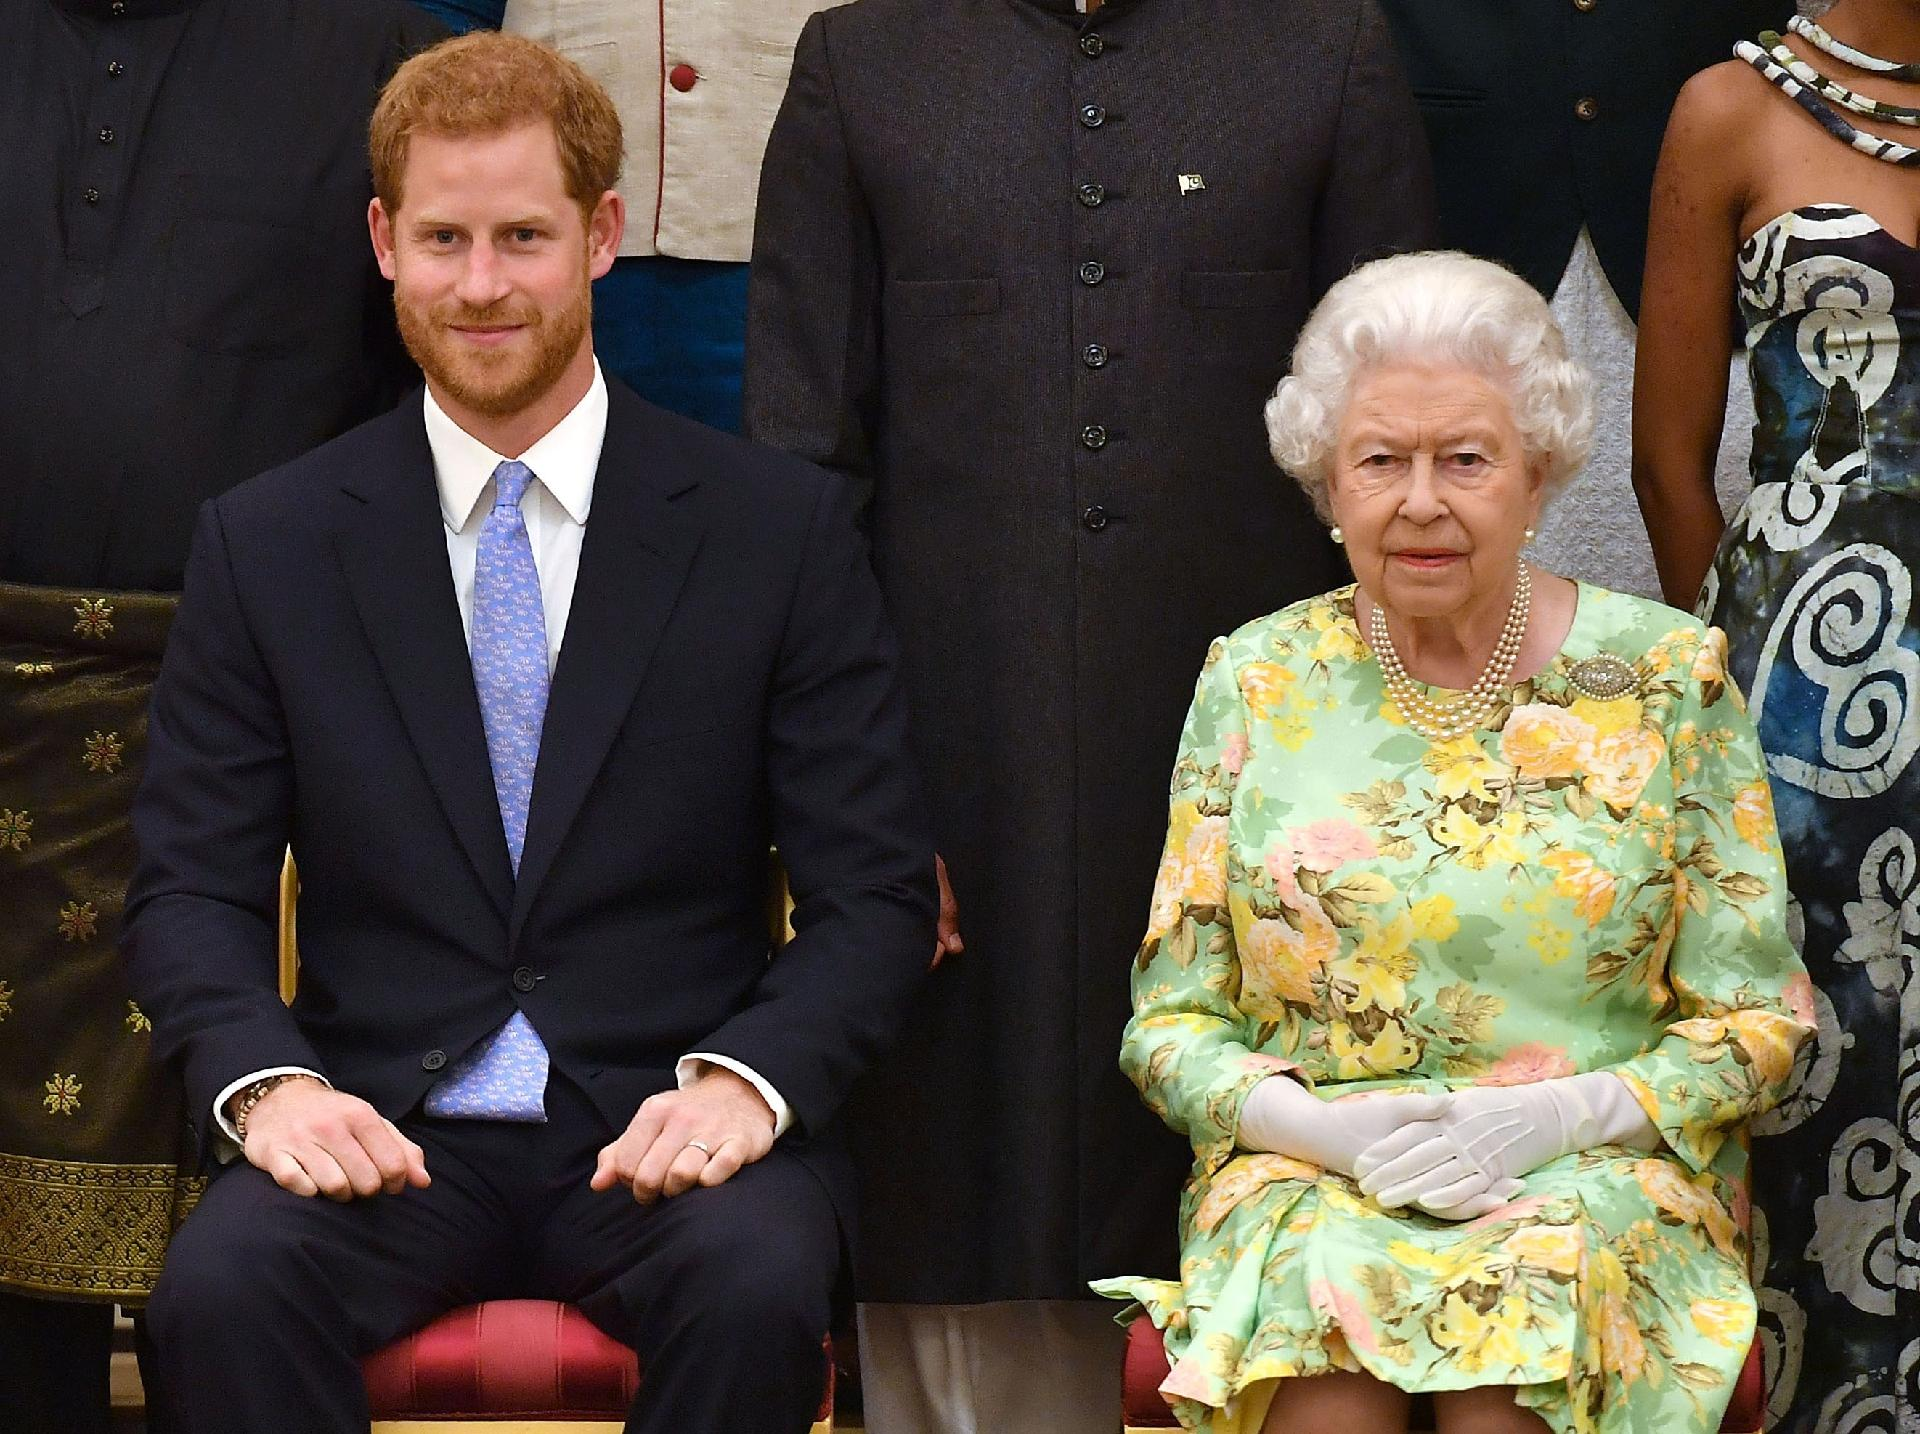 Príncipe Harry confessa que entra em pânico ao ver a avó pelo palácio -  18 09 2018 - UOL Universa 06e9bd4b12